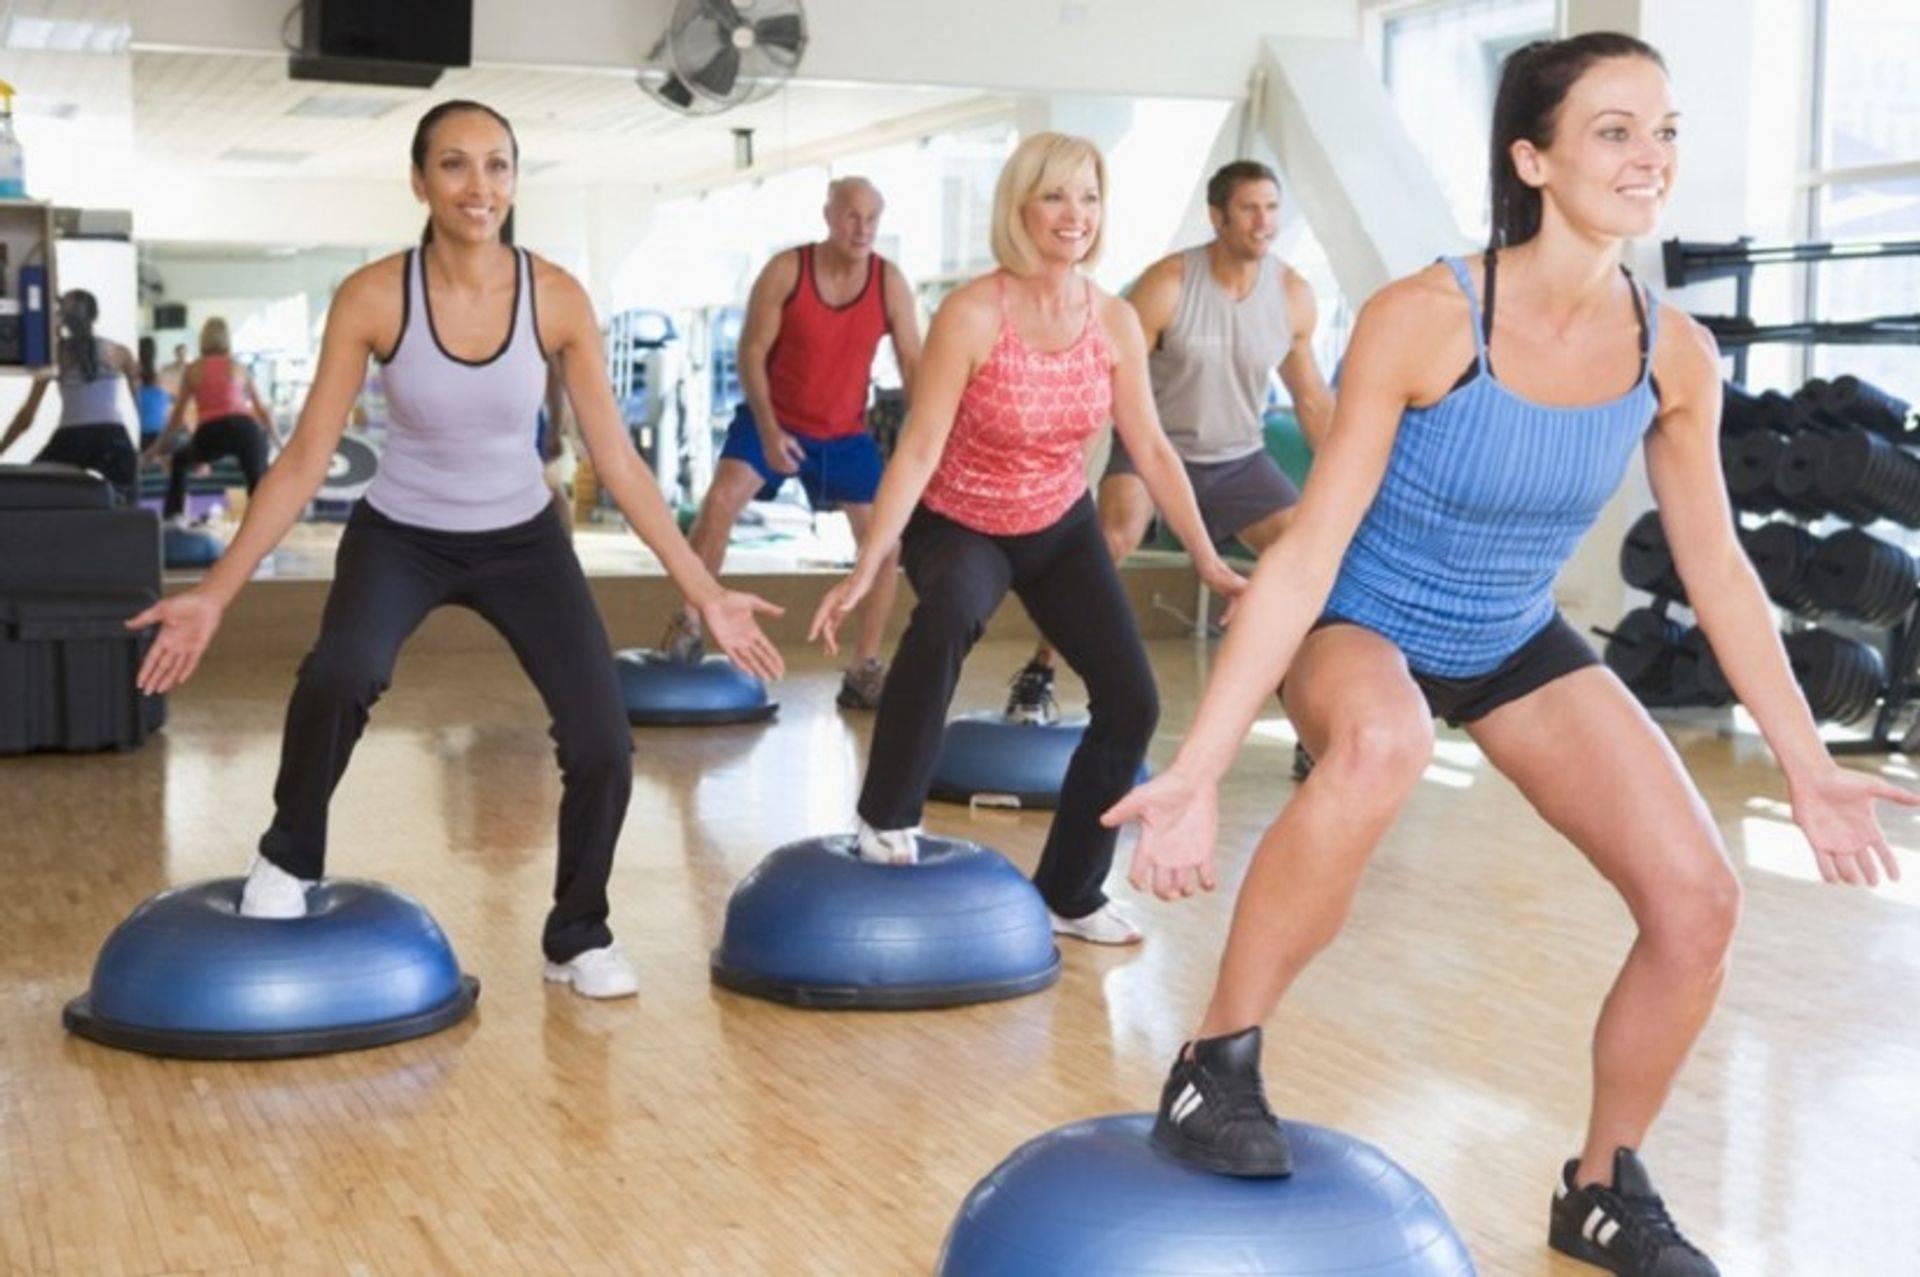 Fitness an Integral part of Wellness